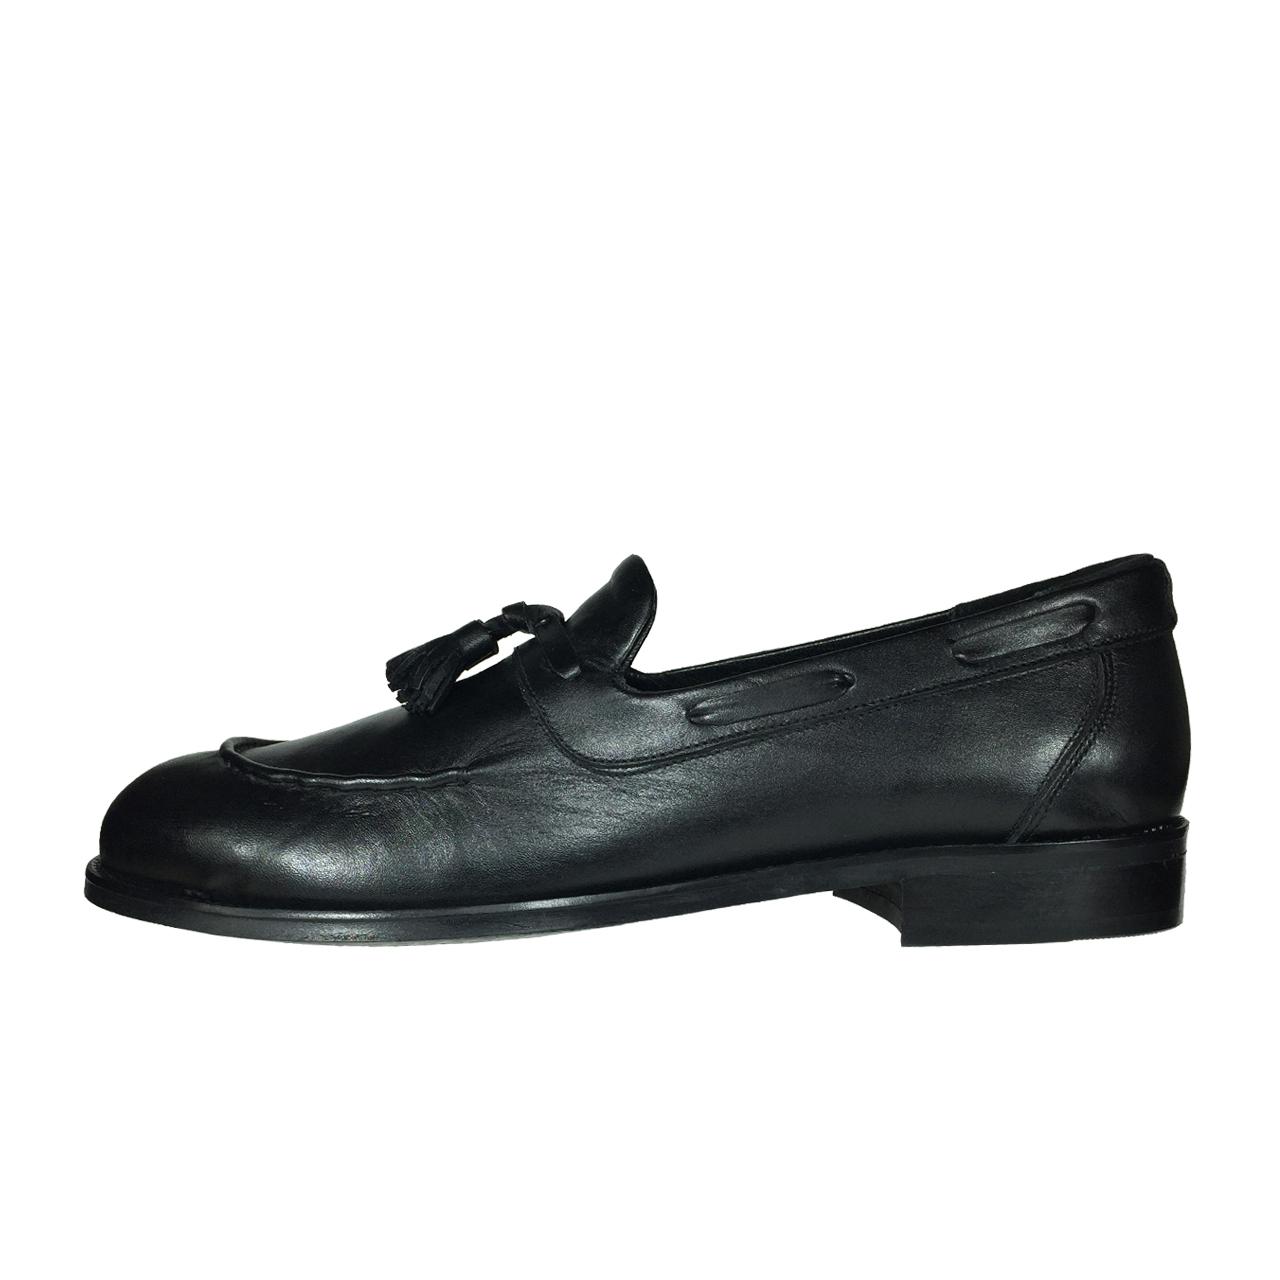 کفش مردانه پاریس جامه مدل B483 رنگ مشکی